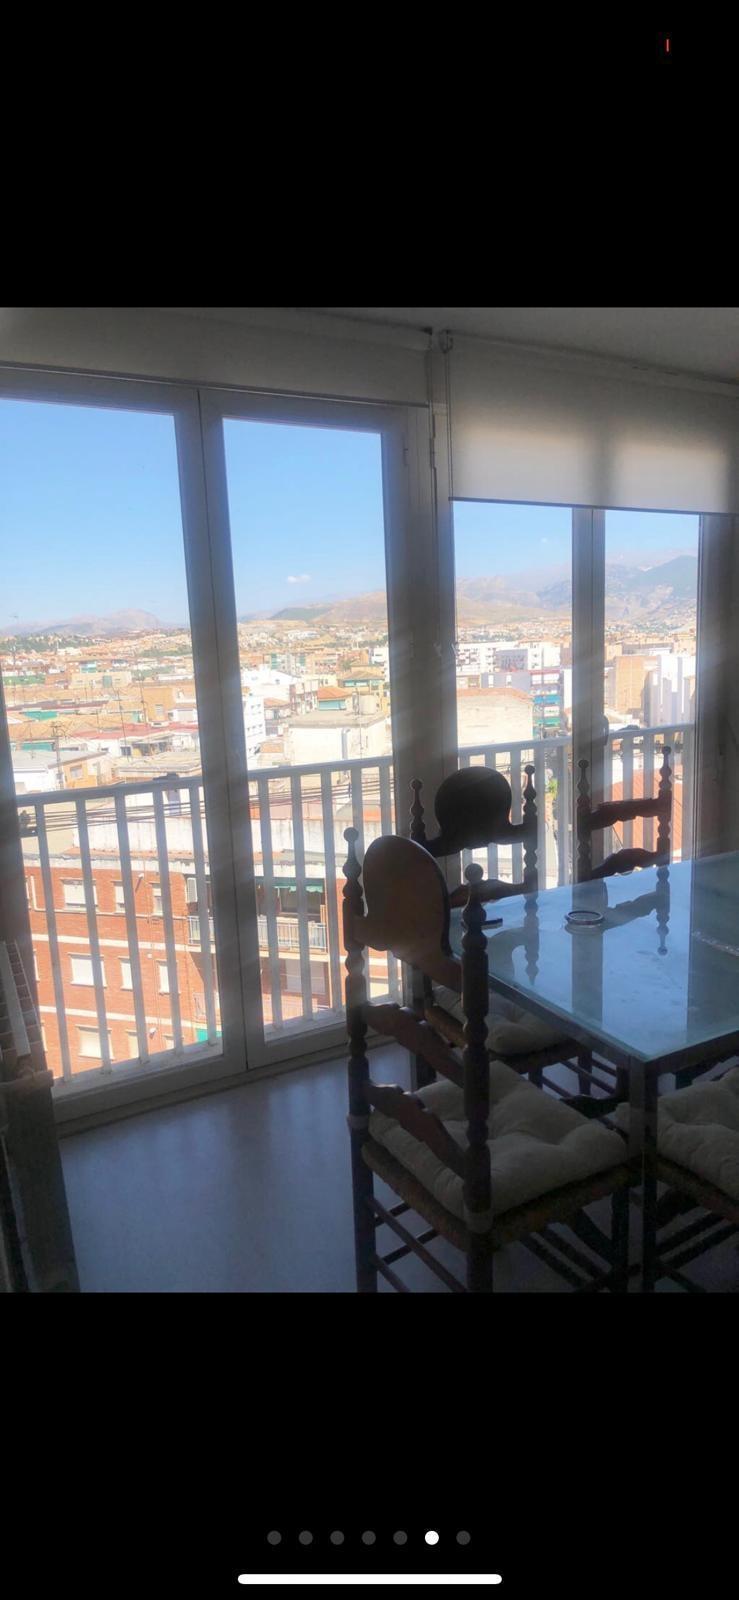 Leilighet til leie til Zaidín (Granada), 650€/måned